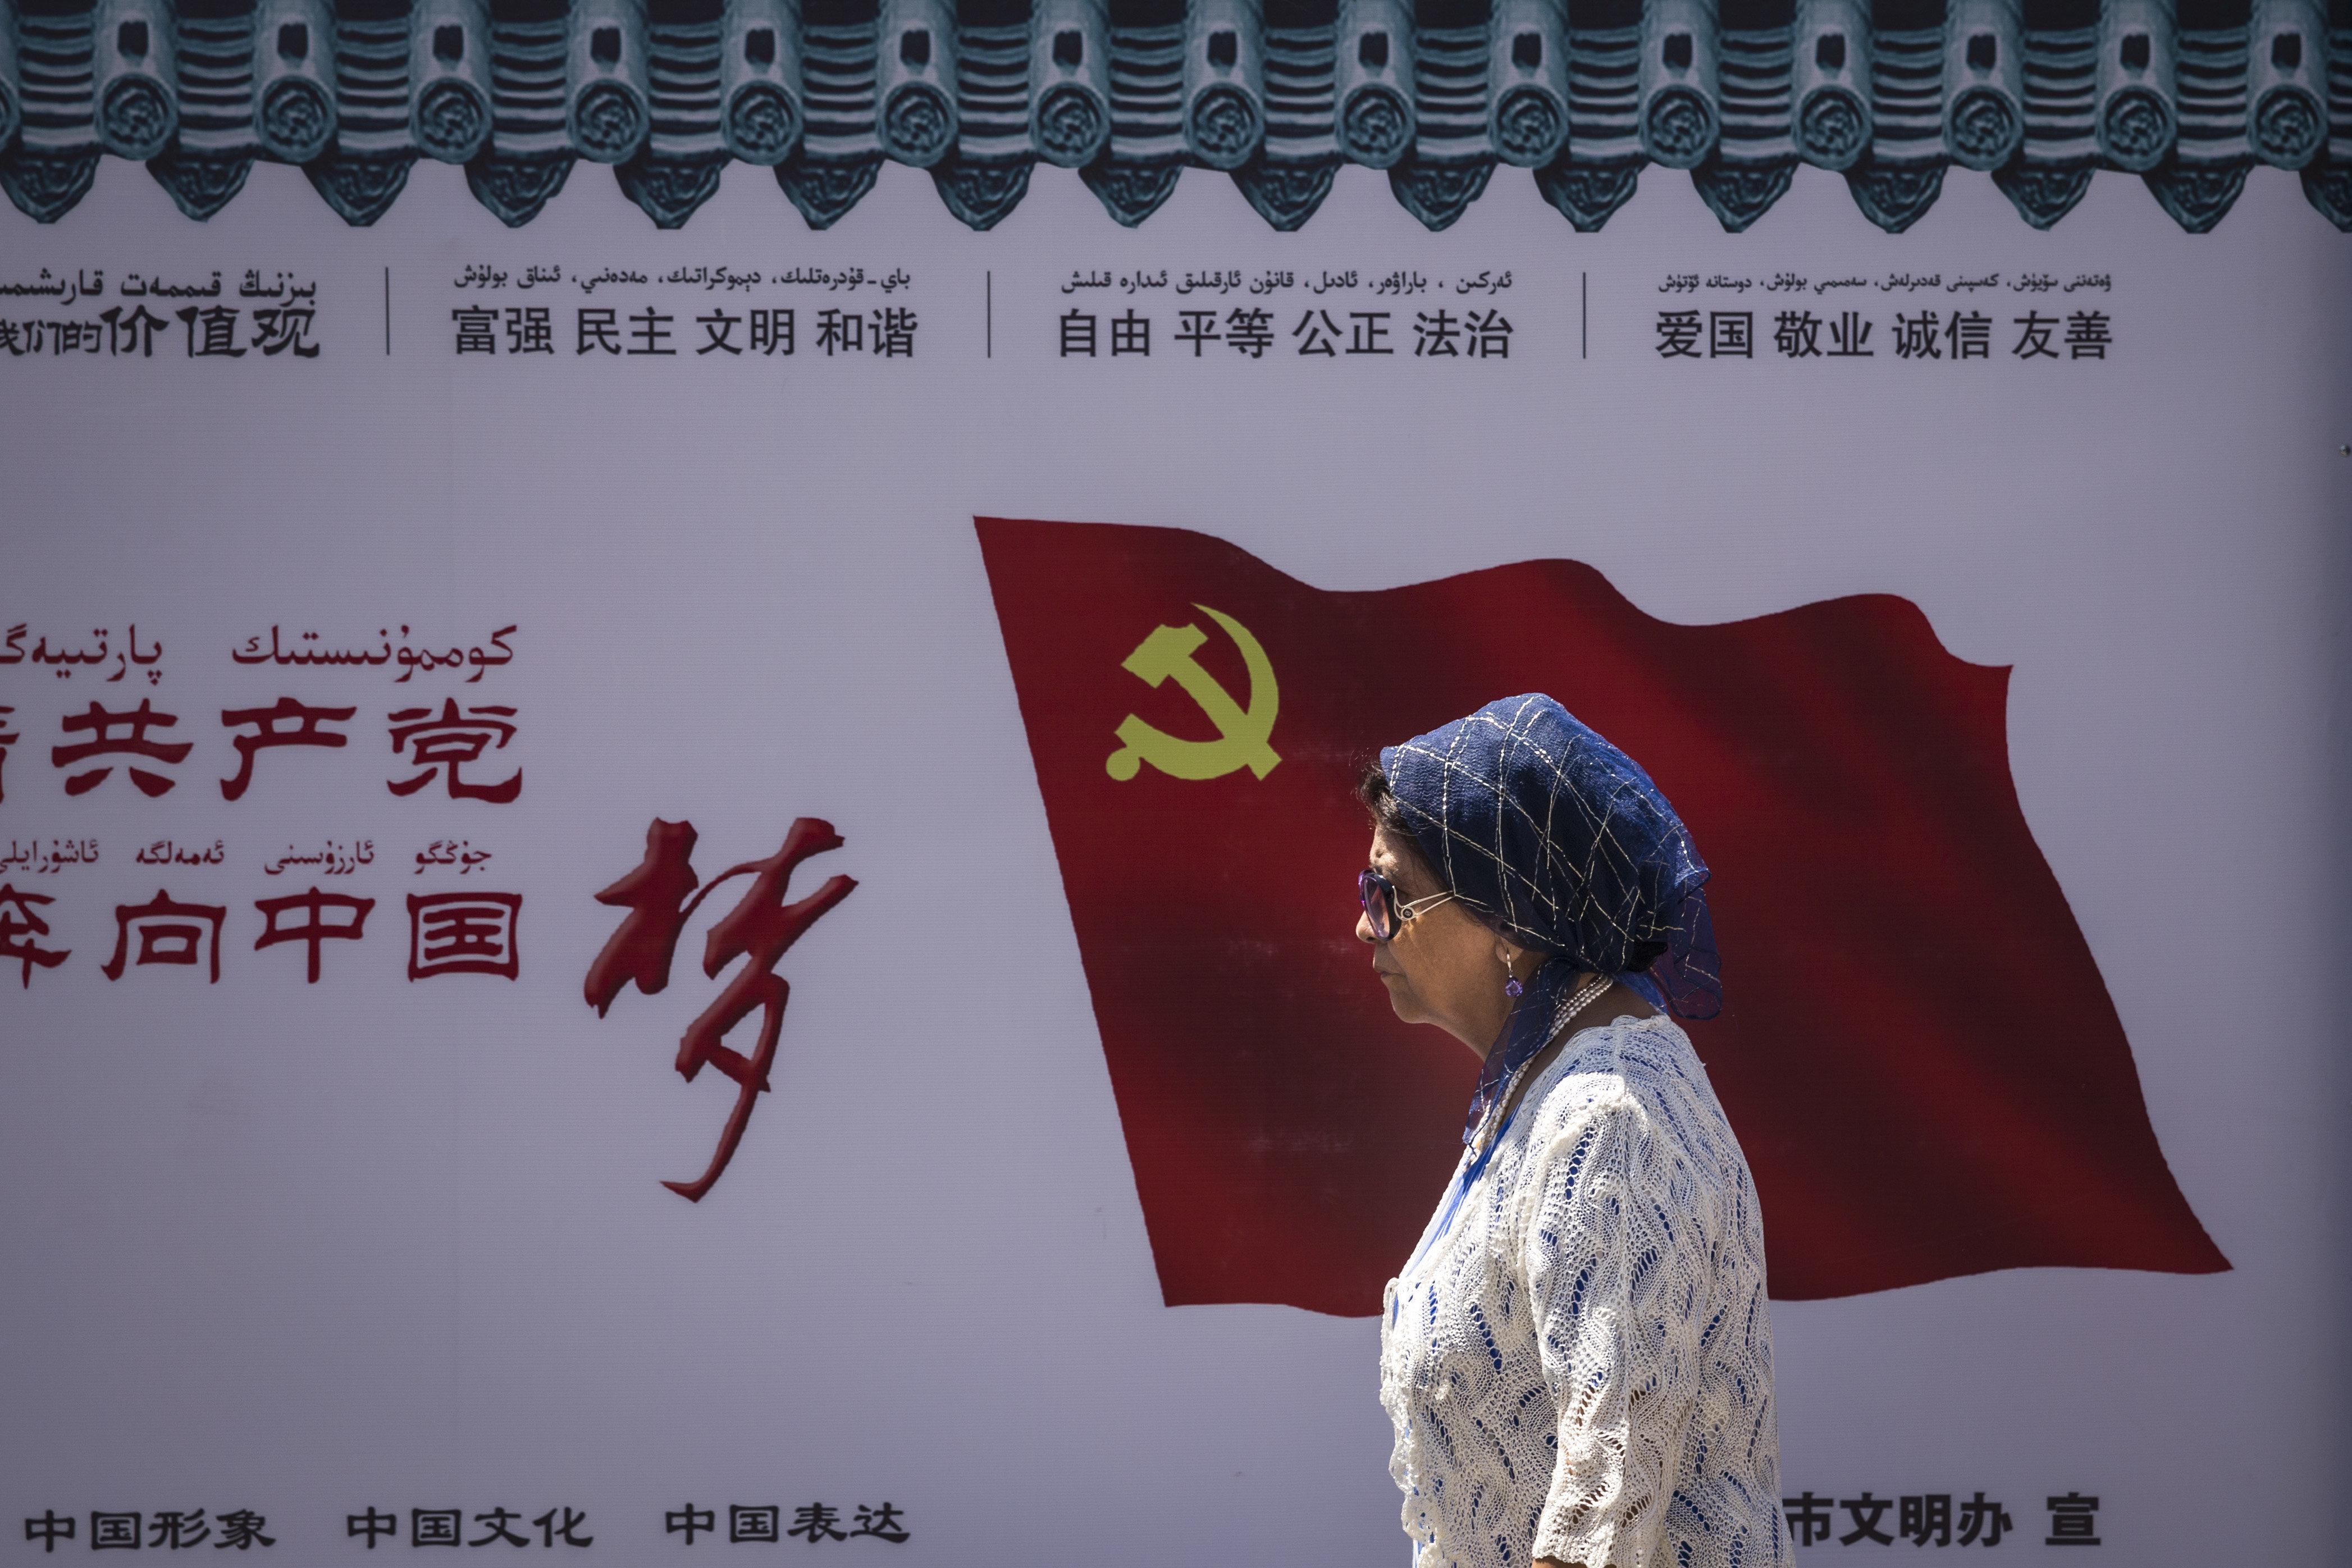 중국 신장위구르자치구 우루무치에서 한 위구르인이 중국 공산당 깃발이 새겨진 벽 앞을 지나고 있다. 2017년